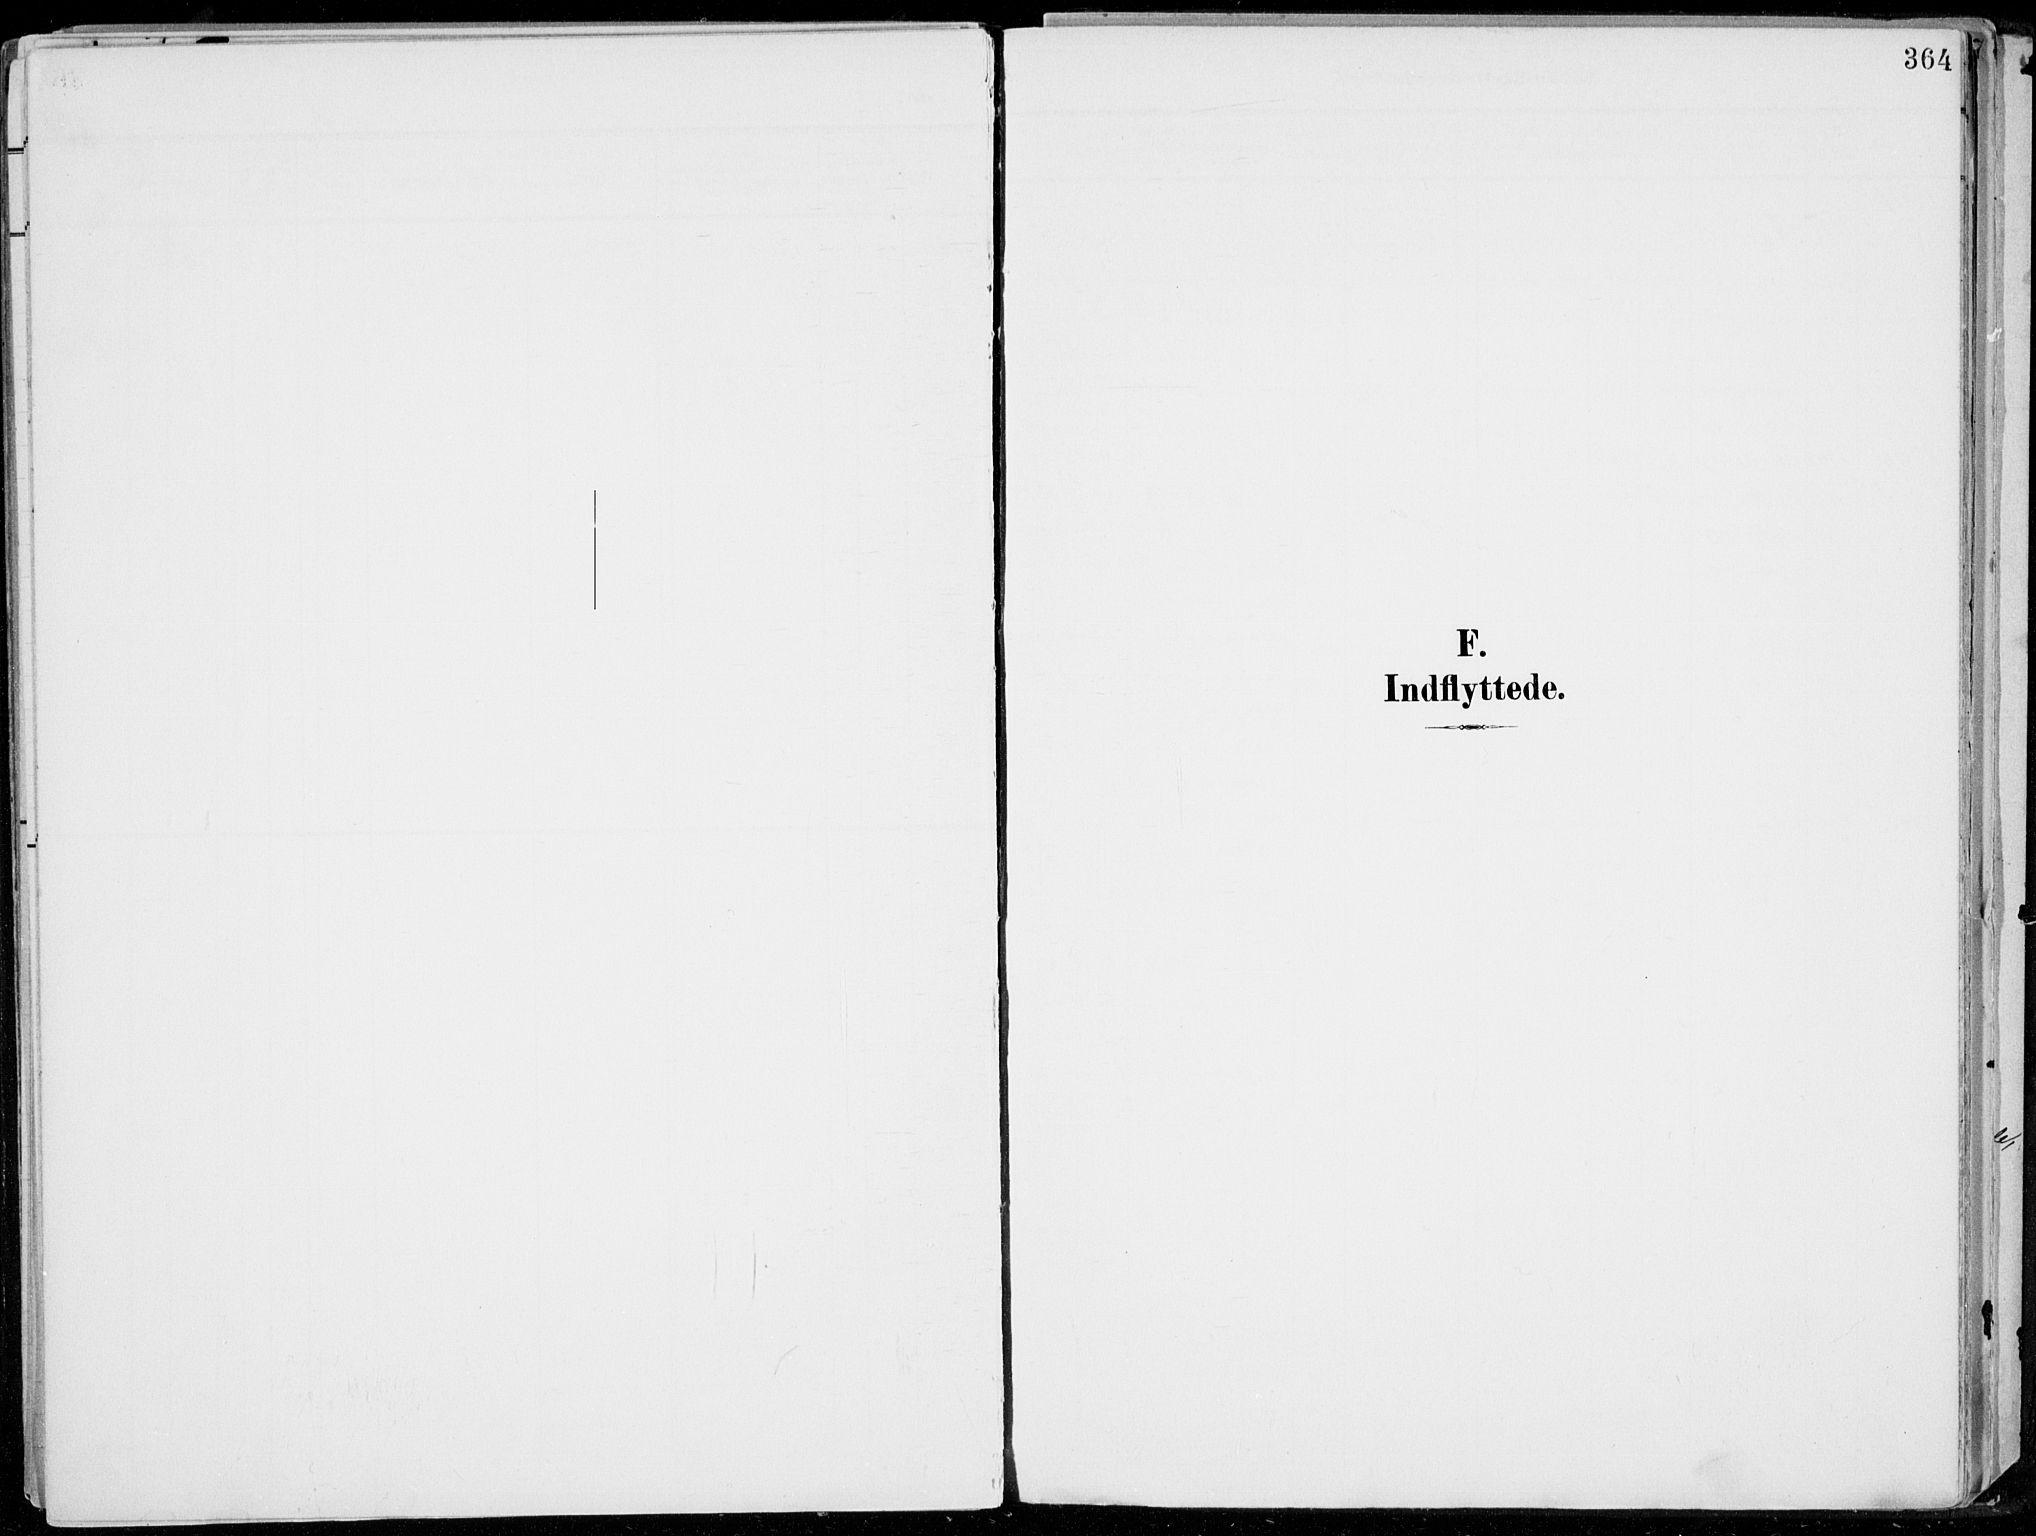 SAH, Lillehammer prestekontor, H/Ha/Haa/L0001: Ministerialbok nr. 1, 1901-1916, s. 364